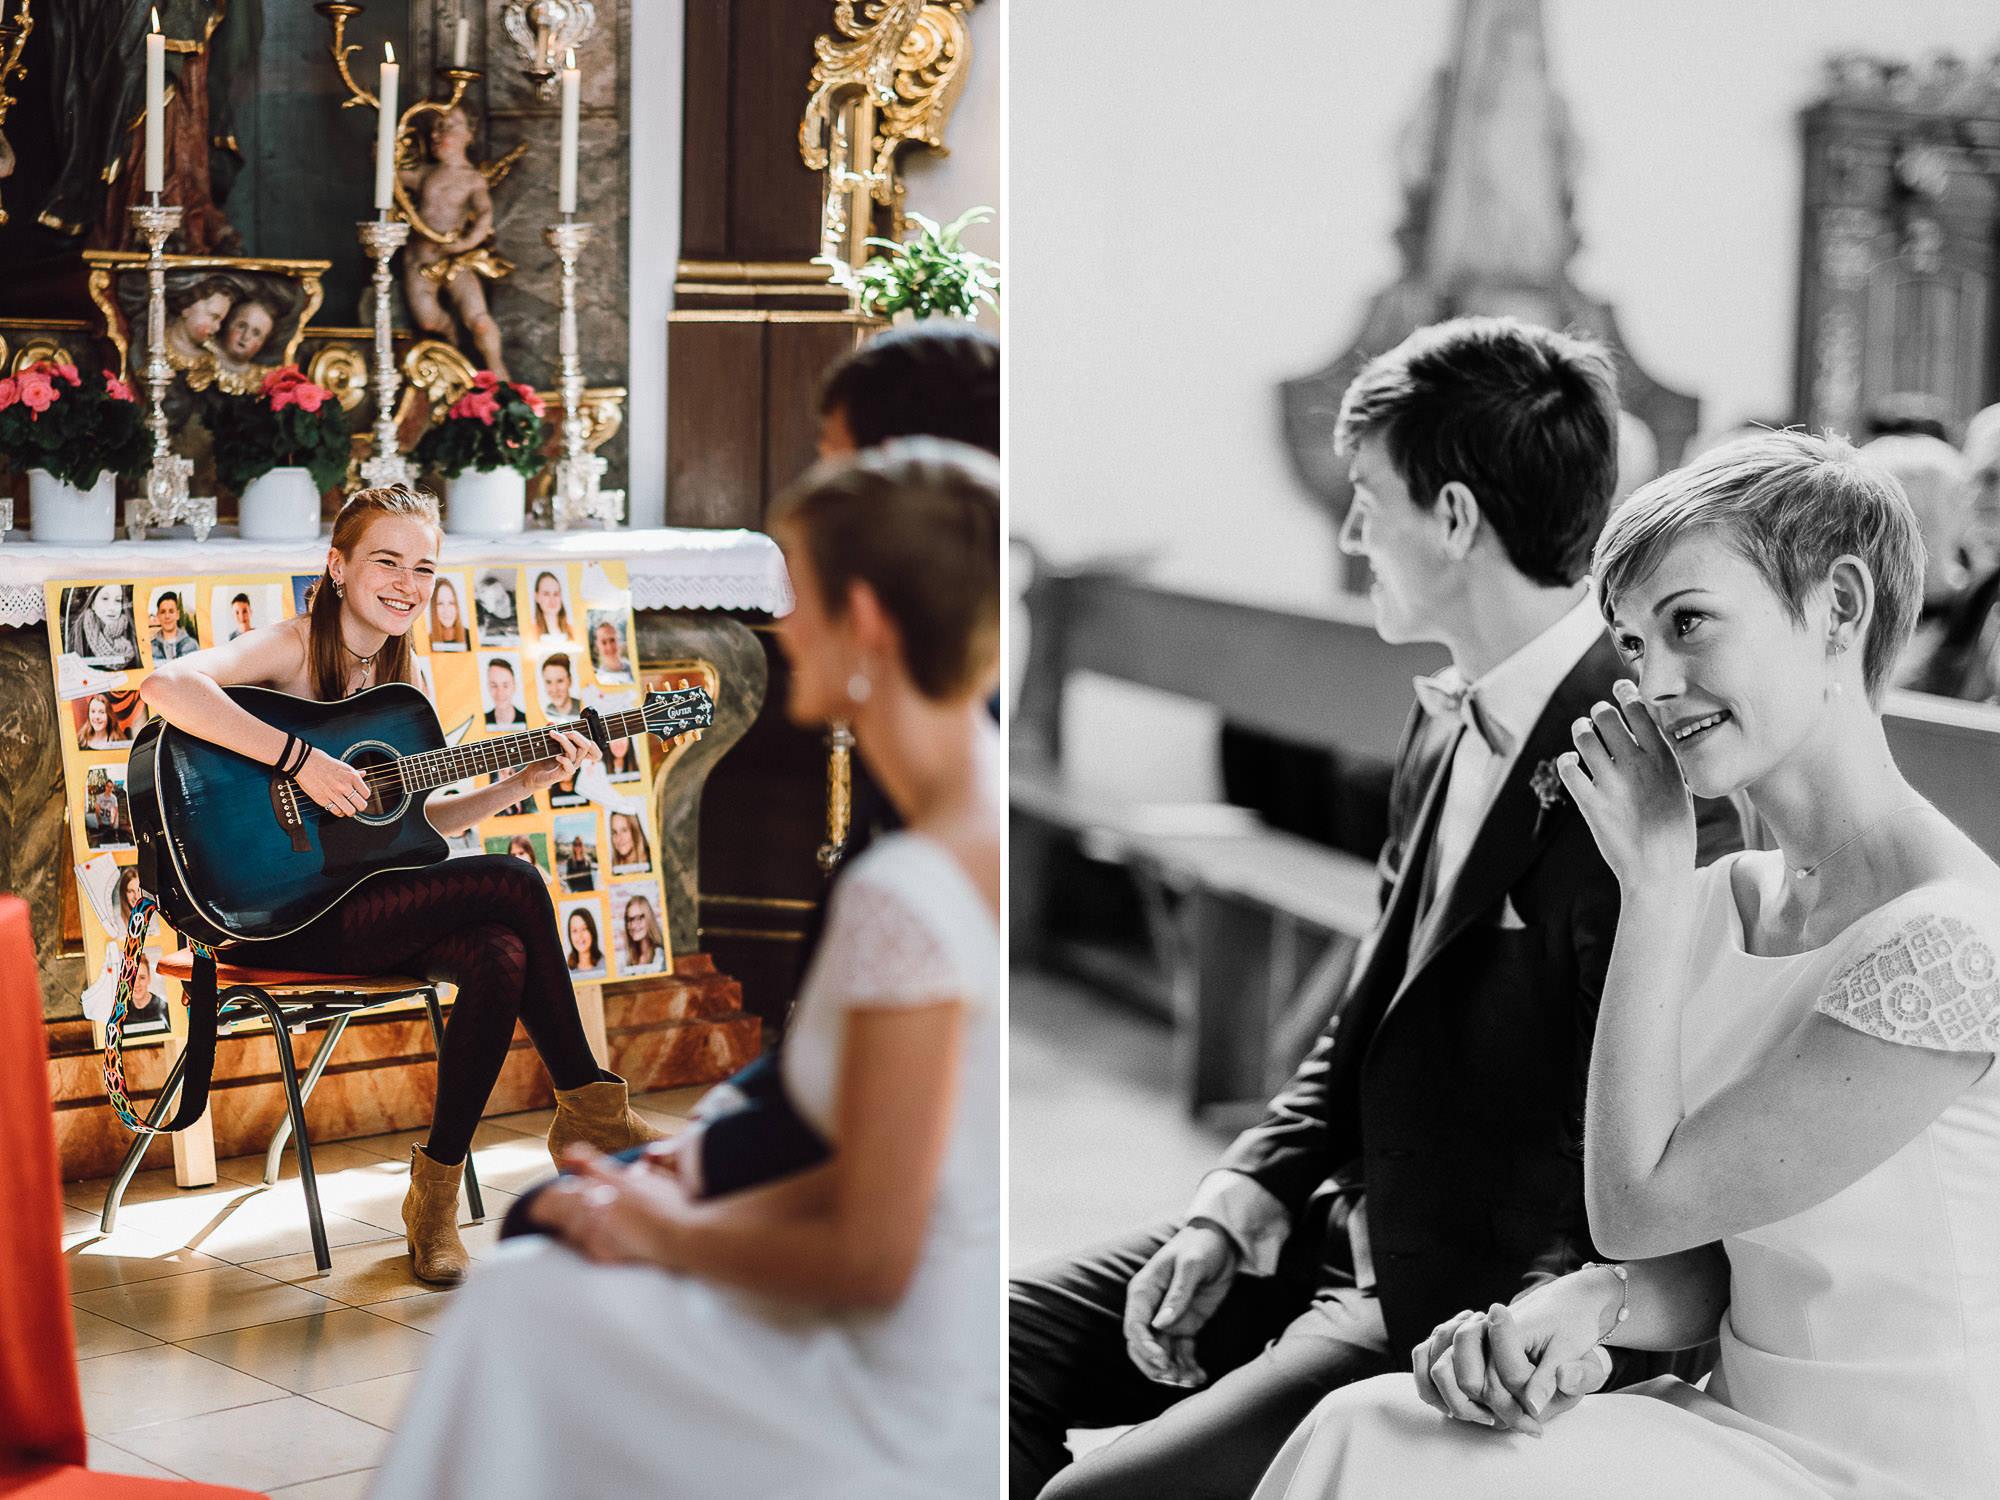 greenery-wedding-hochzeit-prielhof-sukkulenten-scheyern-lauraelenaphotography-041